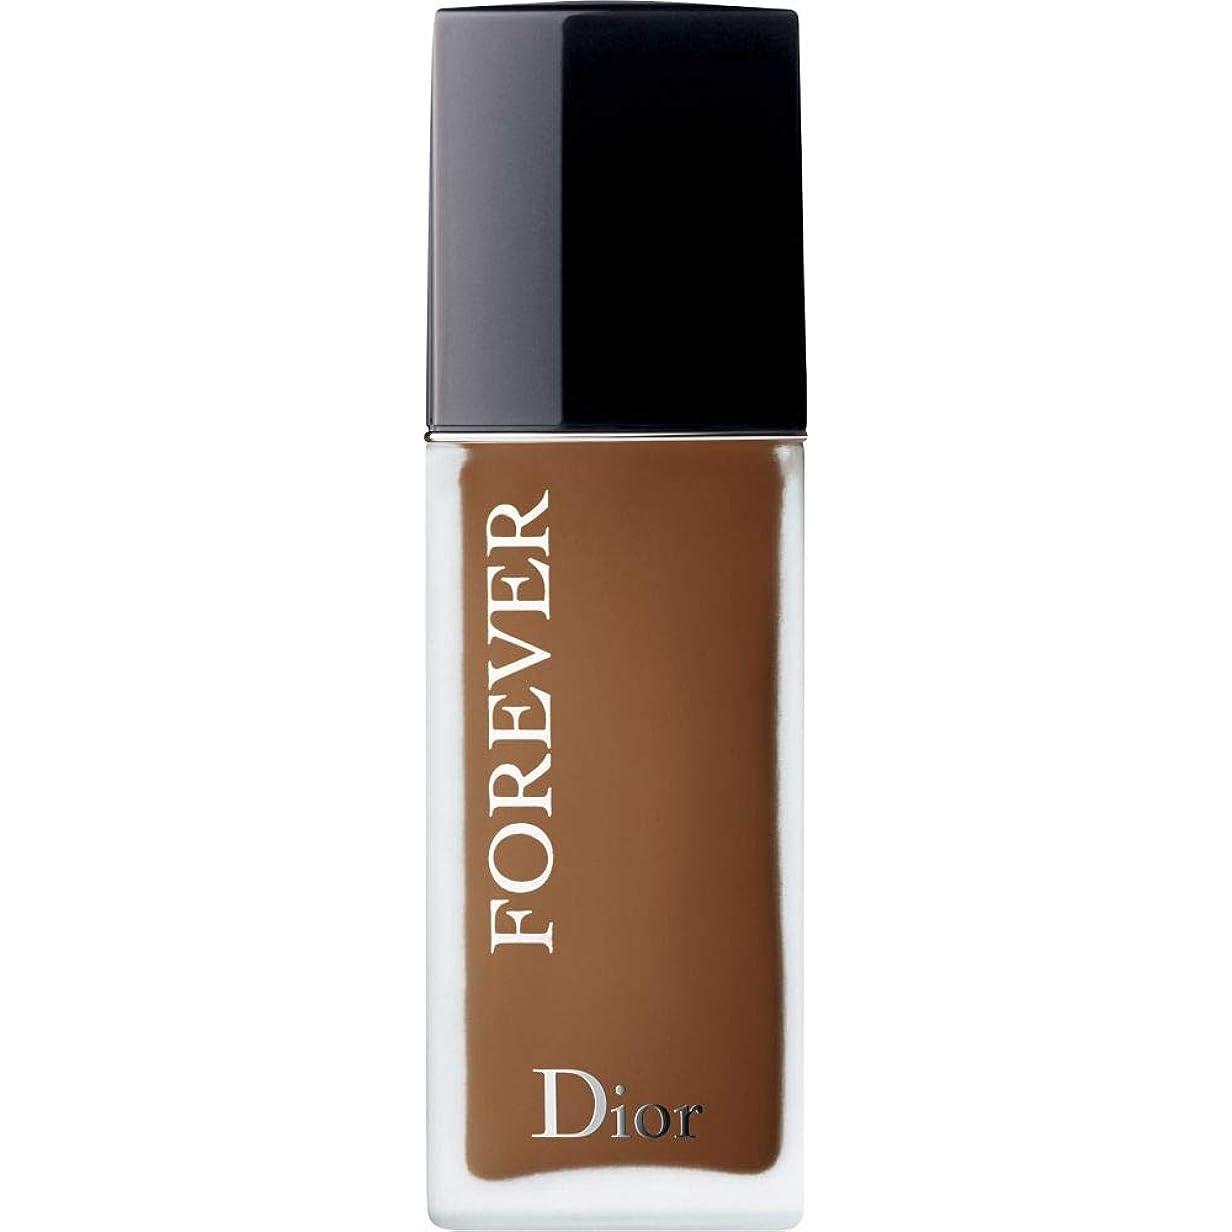 アパートマキシム放課後[Dior ] ディオール永遠皮膚思いやりの基盤Spf35 30ミリリットルの7.5N - ニュートラル(つや消し) - DIOR Forever Skin-Caring Foundation SPF35 30ml 7.5N - Neutral (Matte) [並行輸入品]